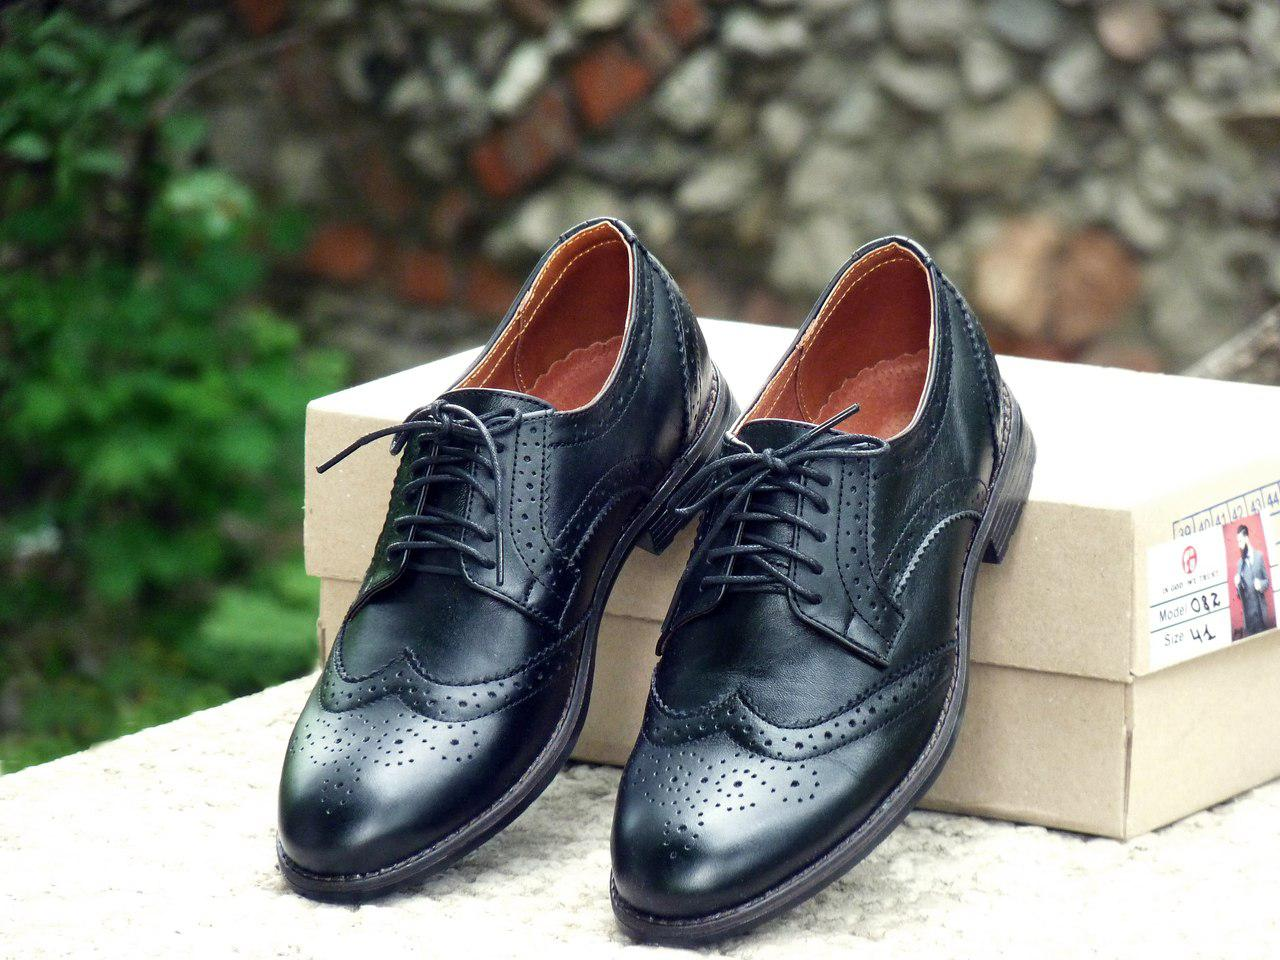 Туфлі броги чоловічі чорні шкіряні (Onyx) від бренду Legessy розмір 40, 41, 42, 43, 44, 45 Чорний, 42